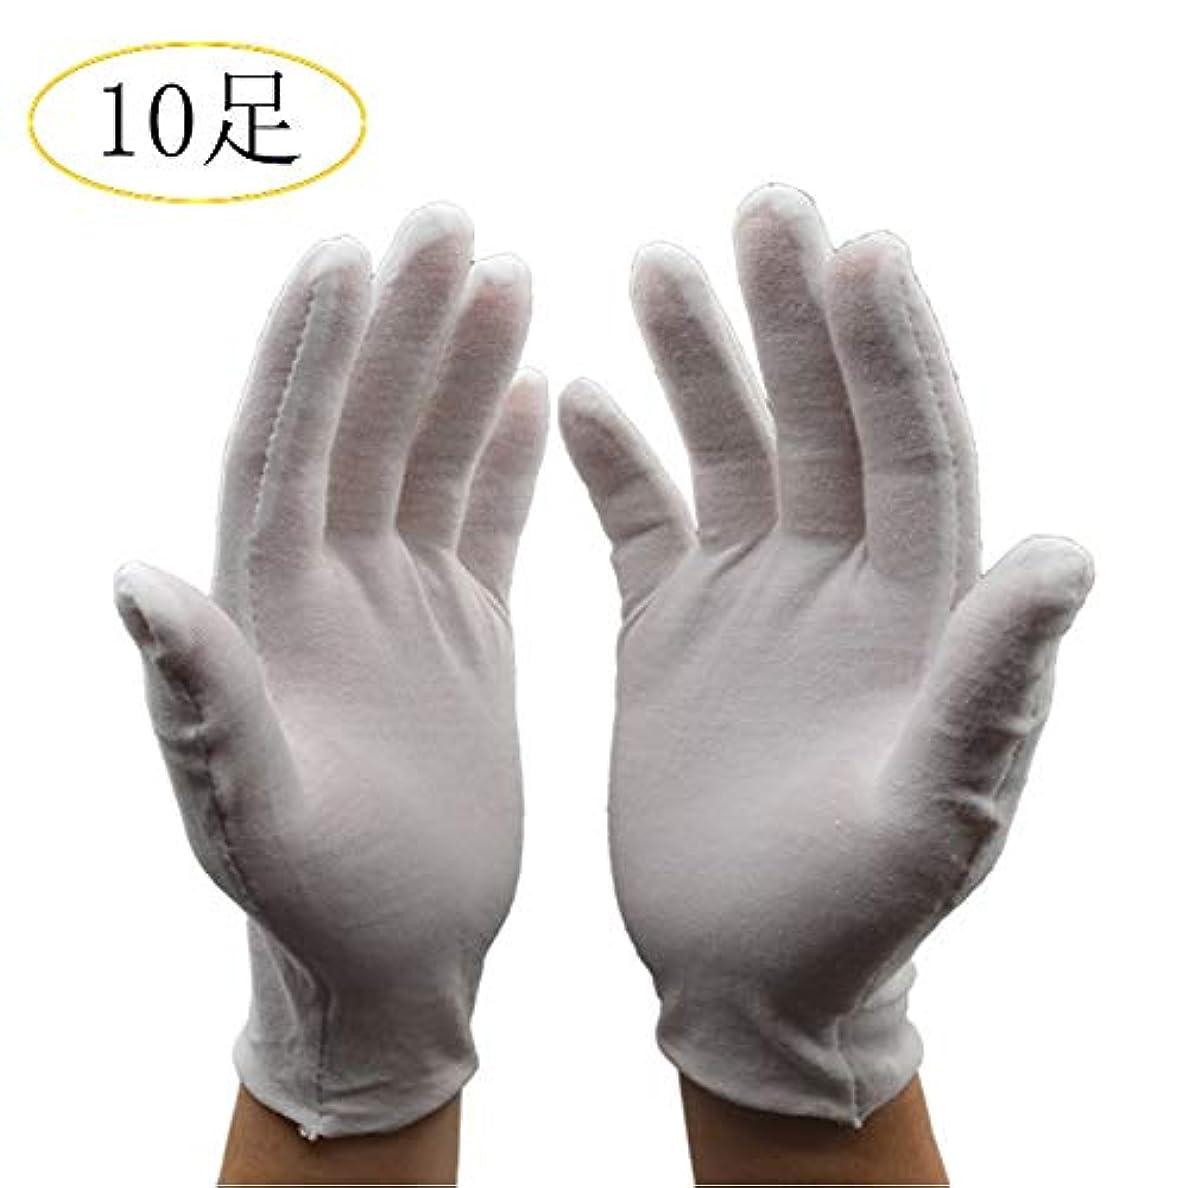 解釈的羨望会話ZMiw コットン手袋 綿手袋 インナーコットン手袋 ガーデニング用手袋 20枚入り 手荒れ 手袋 Sサイズ 湿疹用 乾燥肌用 保湿用 家事用 礼装用